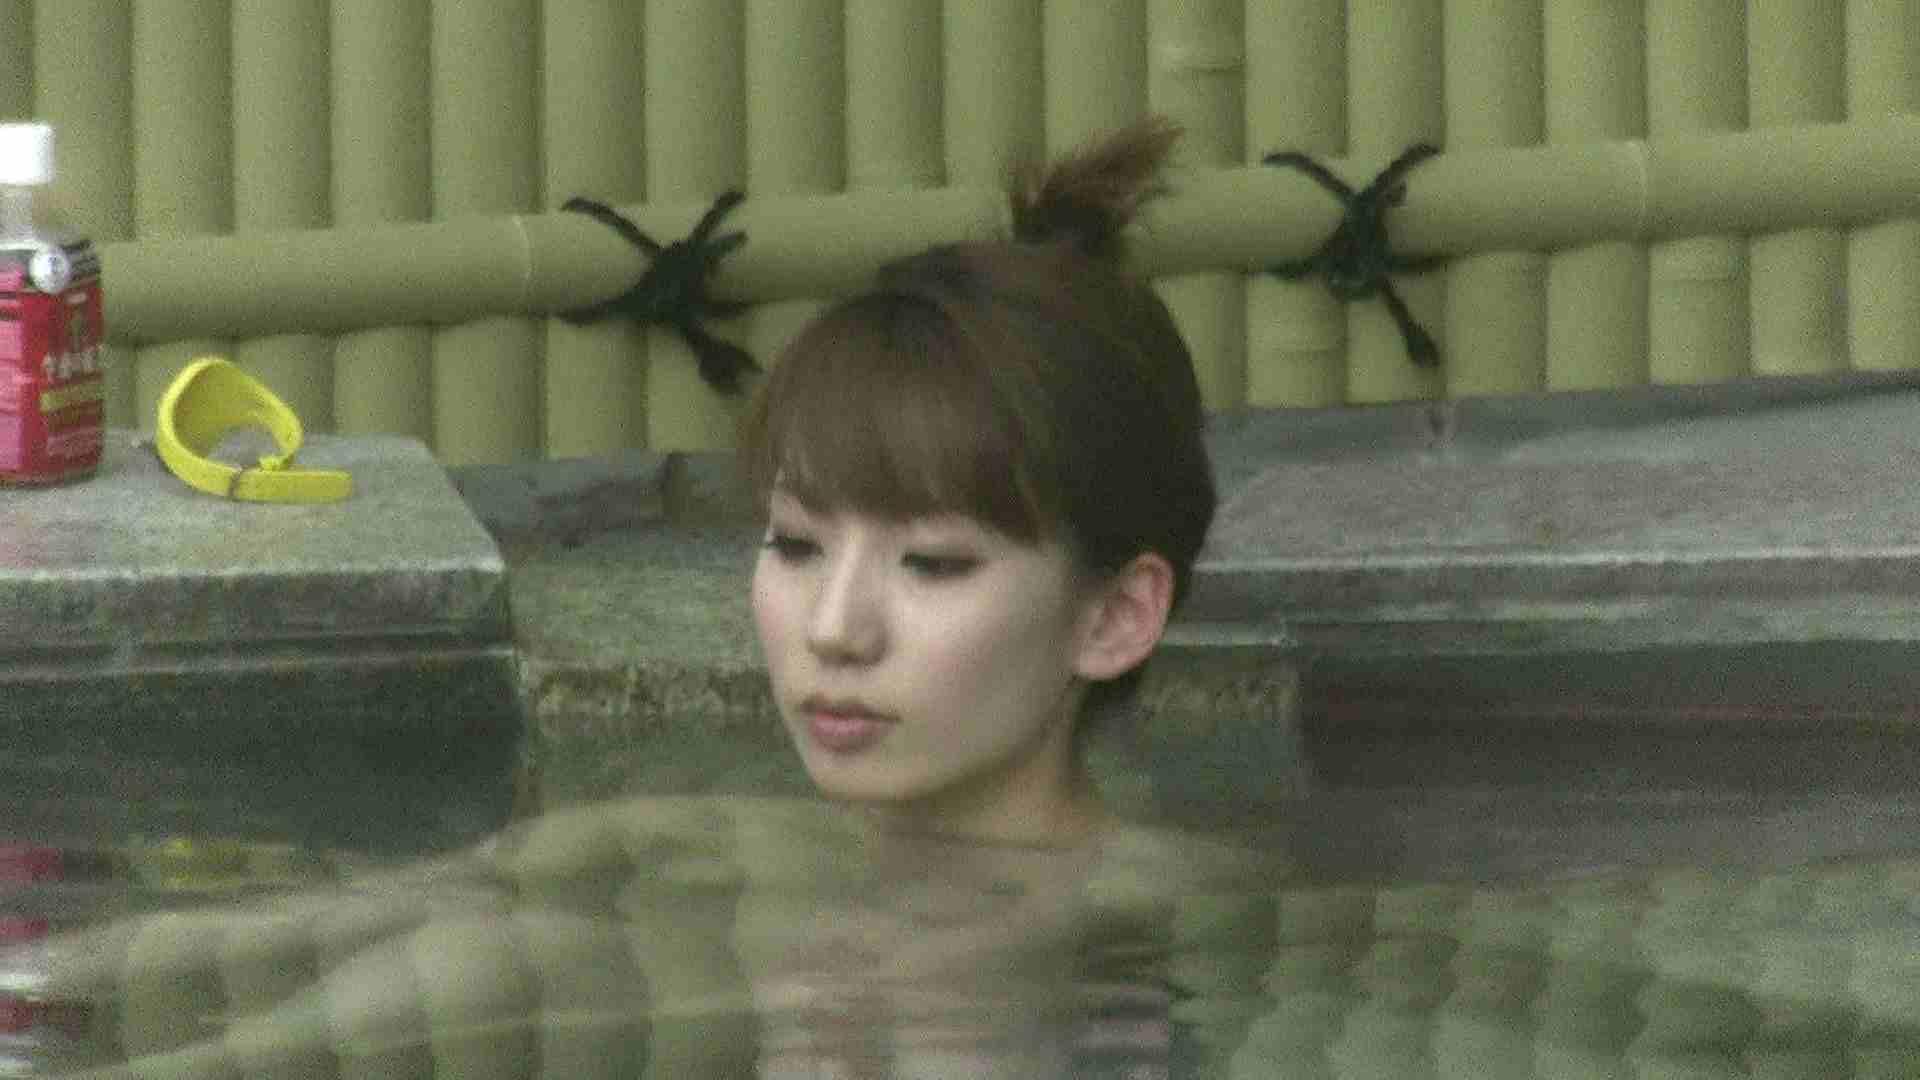 Aquaな露天風呂Vol.208 露天風呂  54連発 24